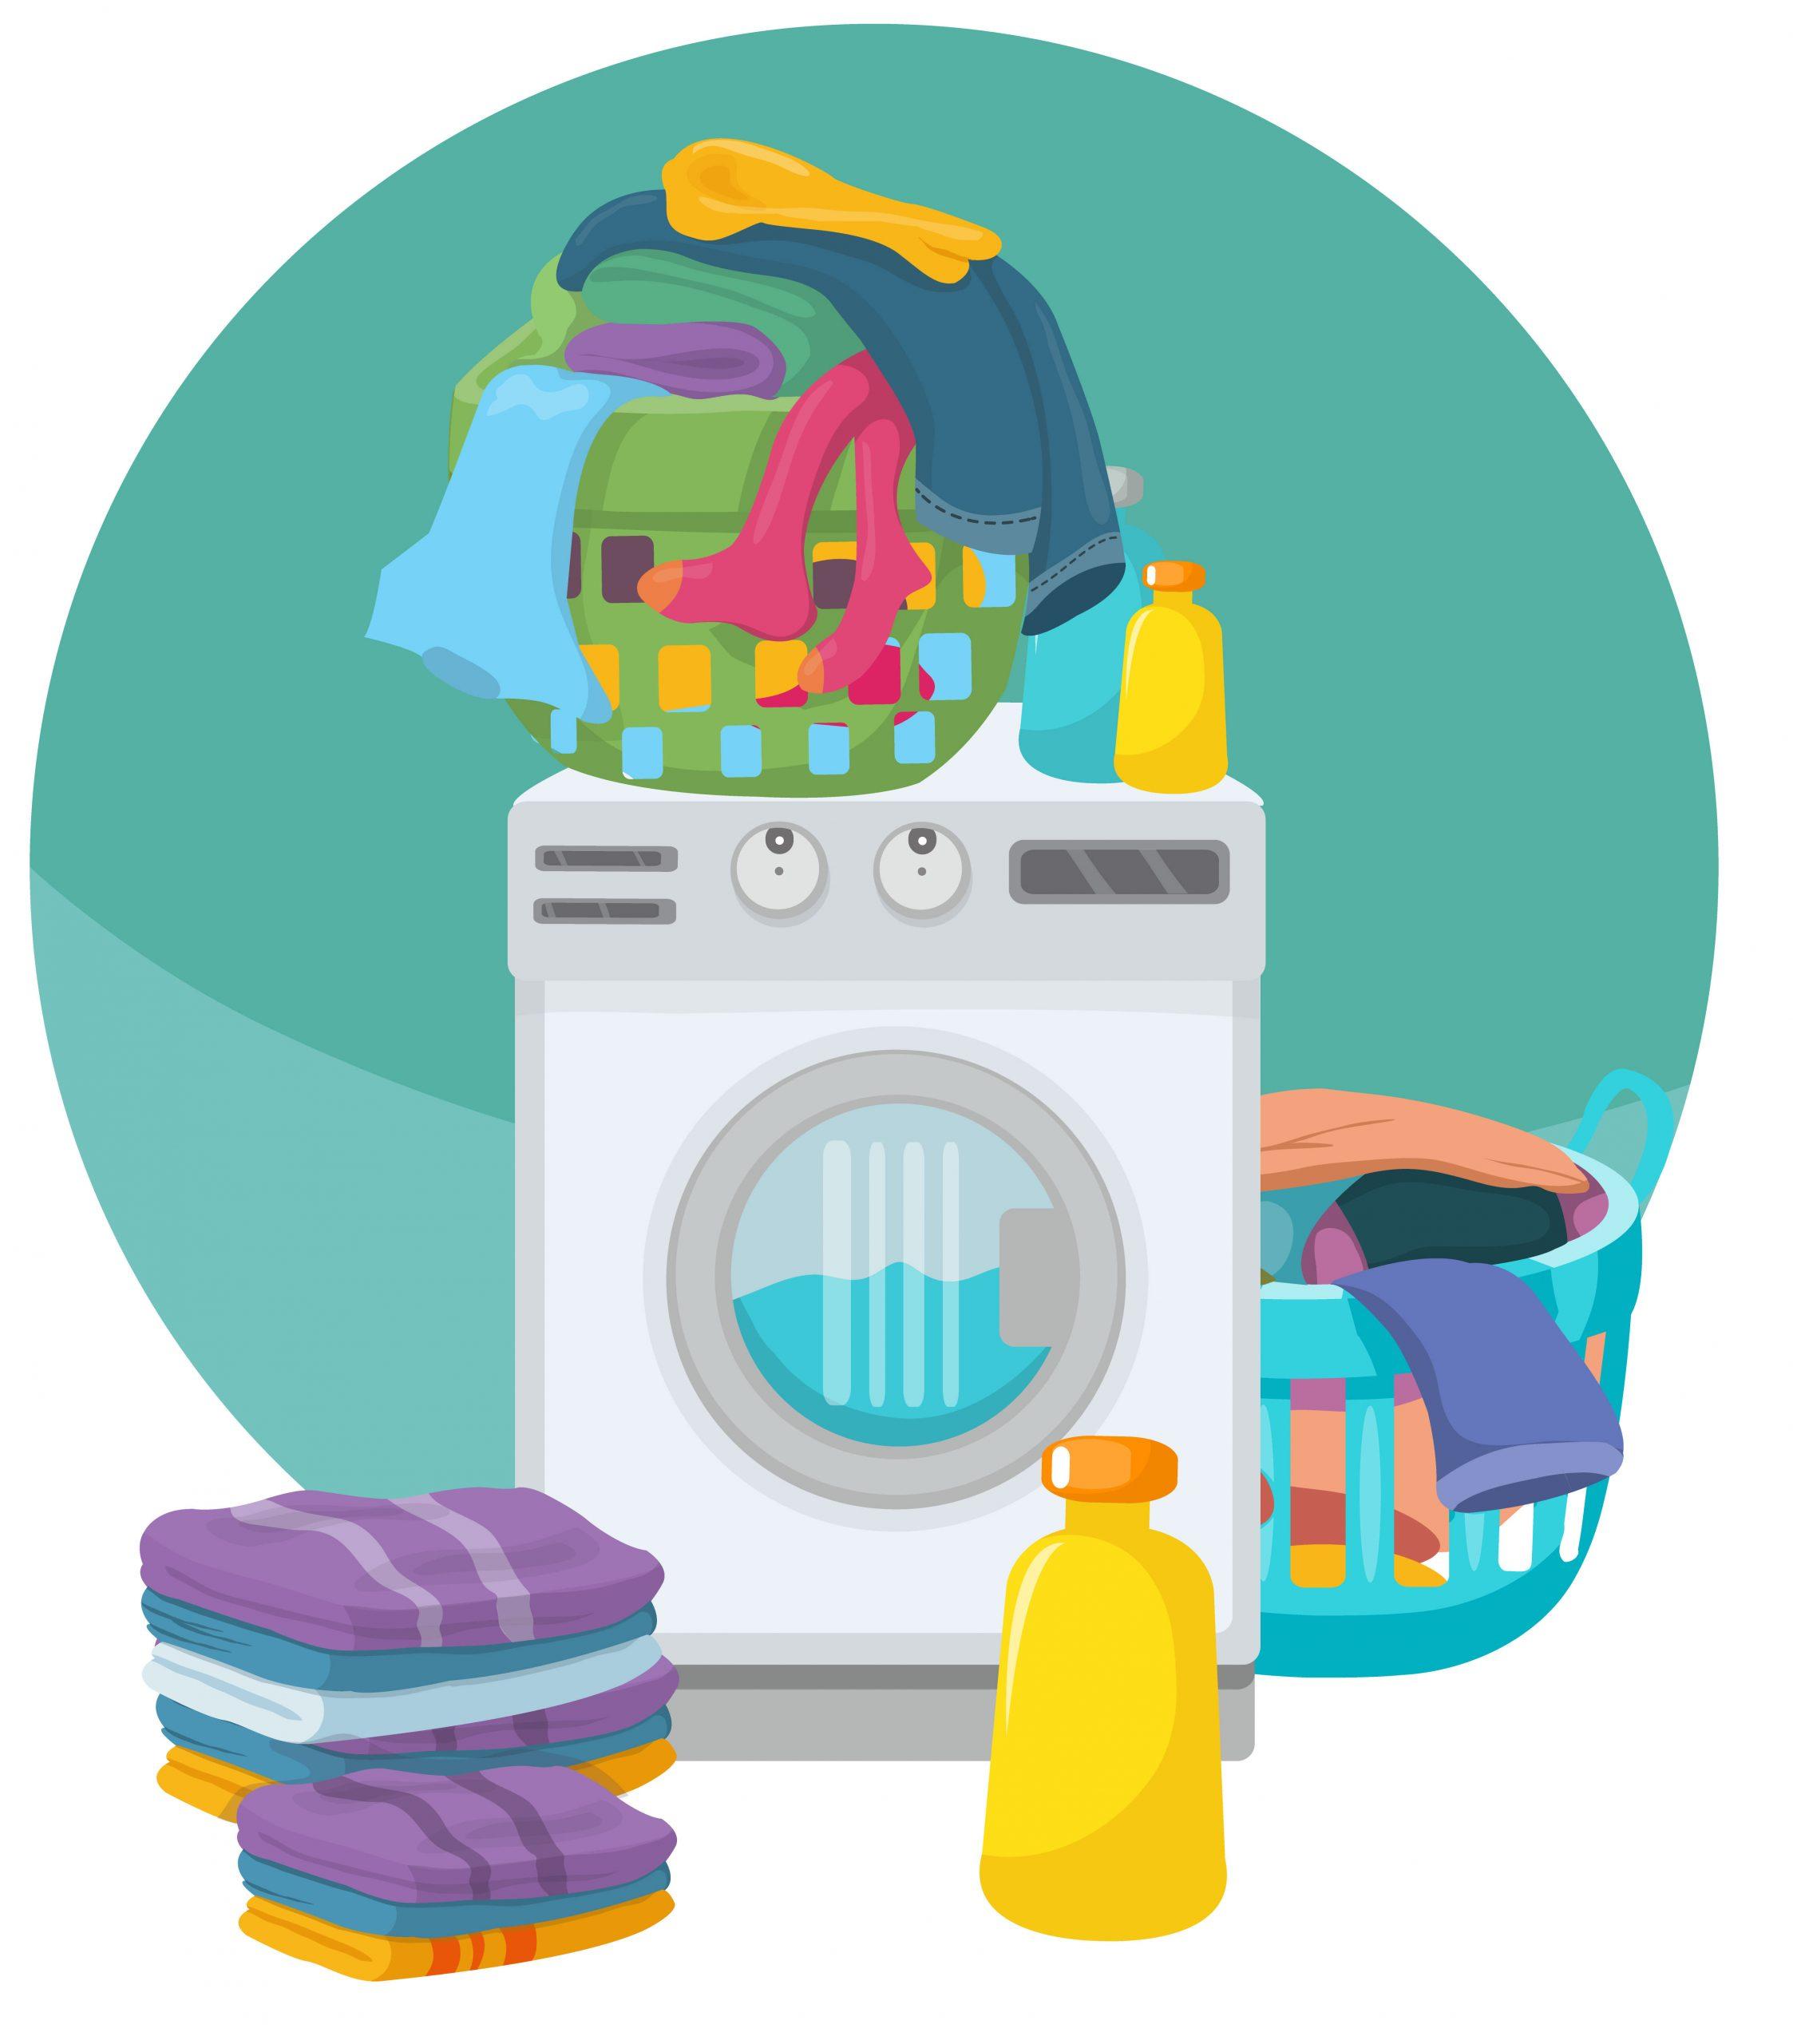 ماتيس بتقييد طماطم ما تفسير غسل الملابس في المنام Kulturazitiste Org